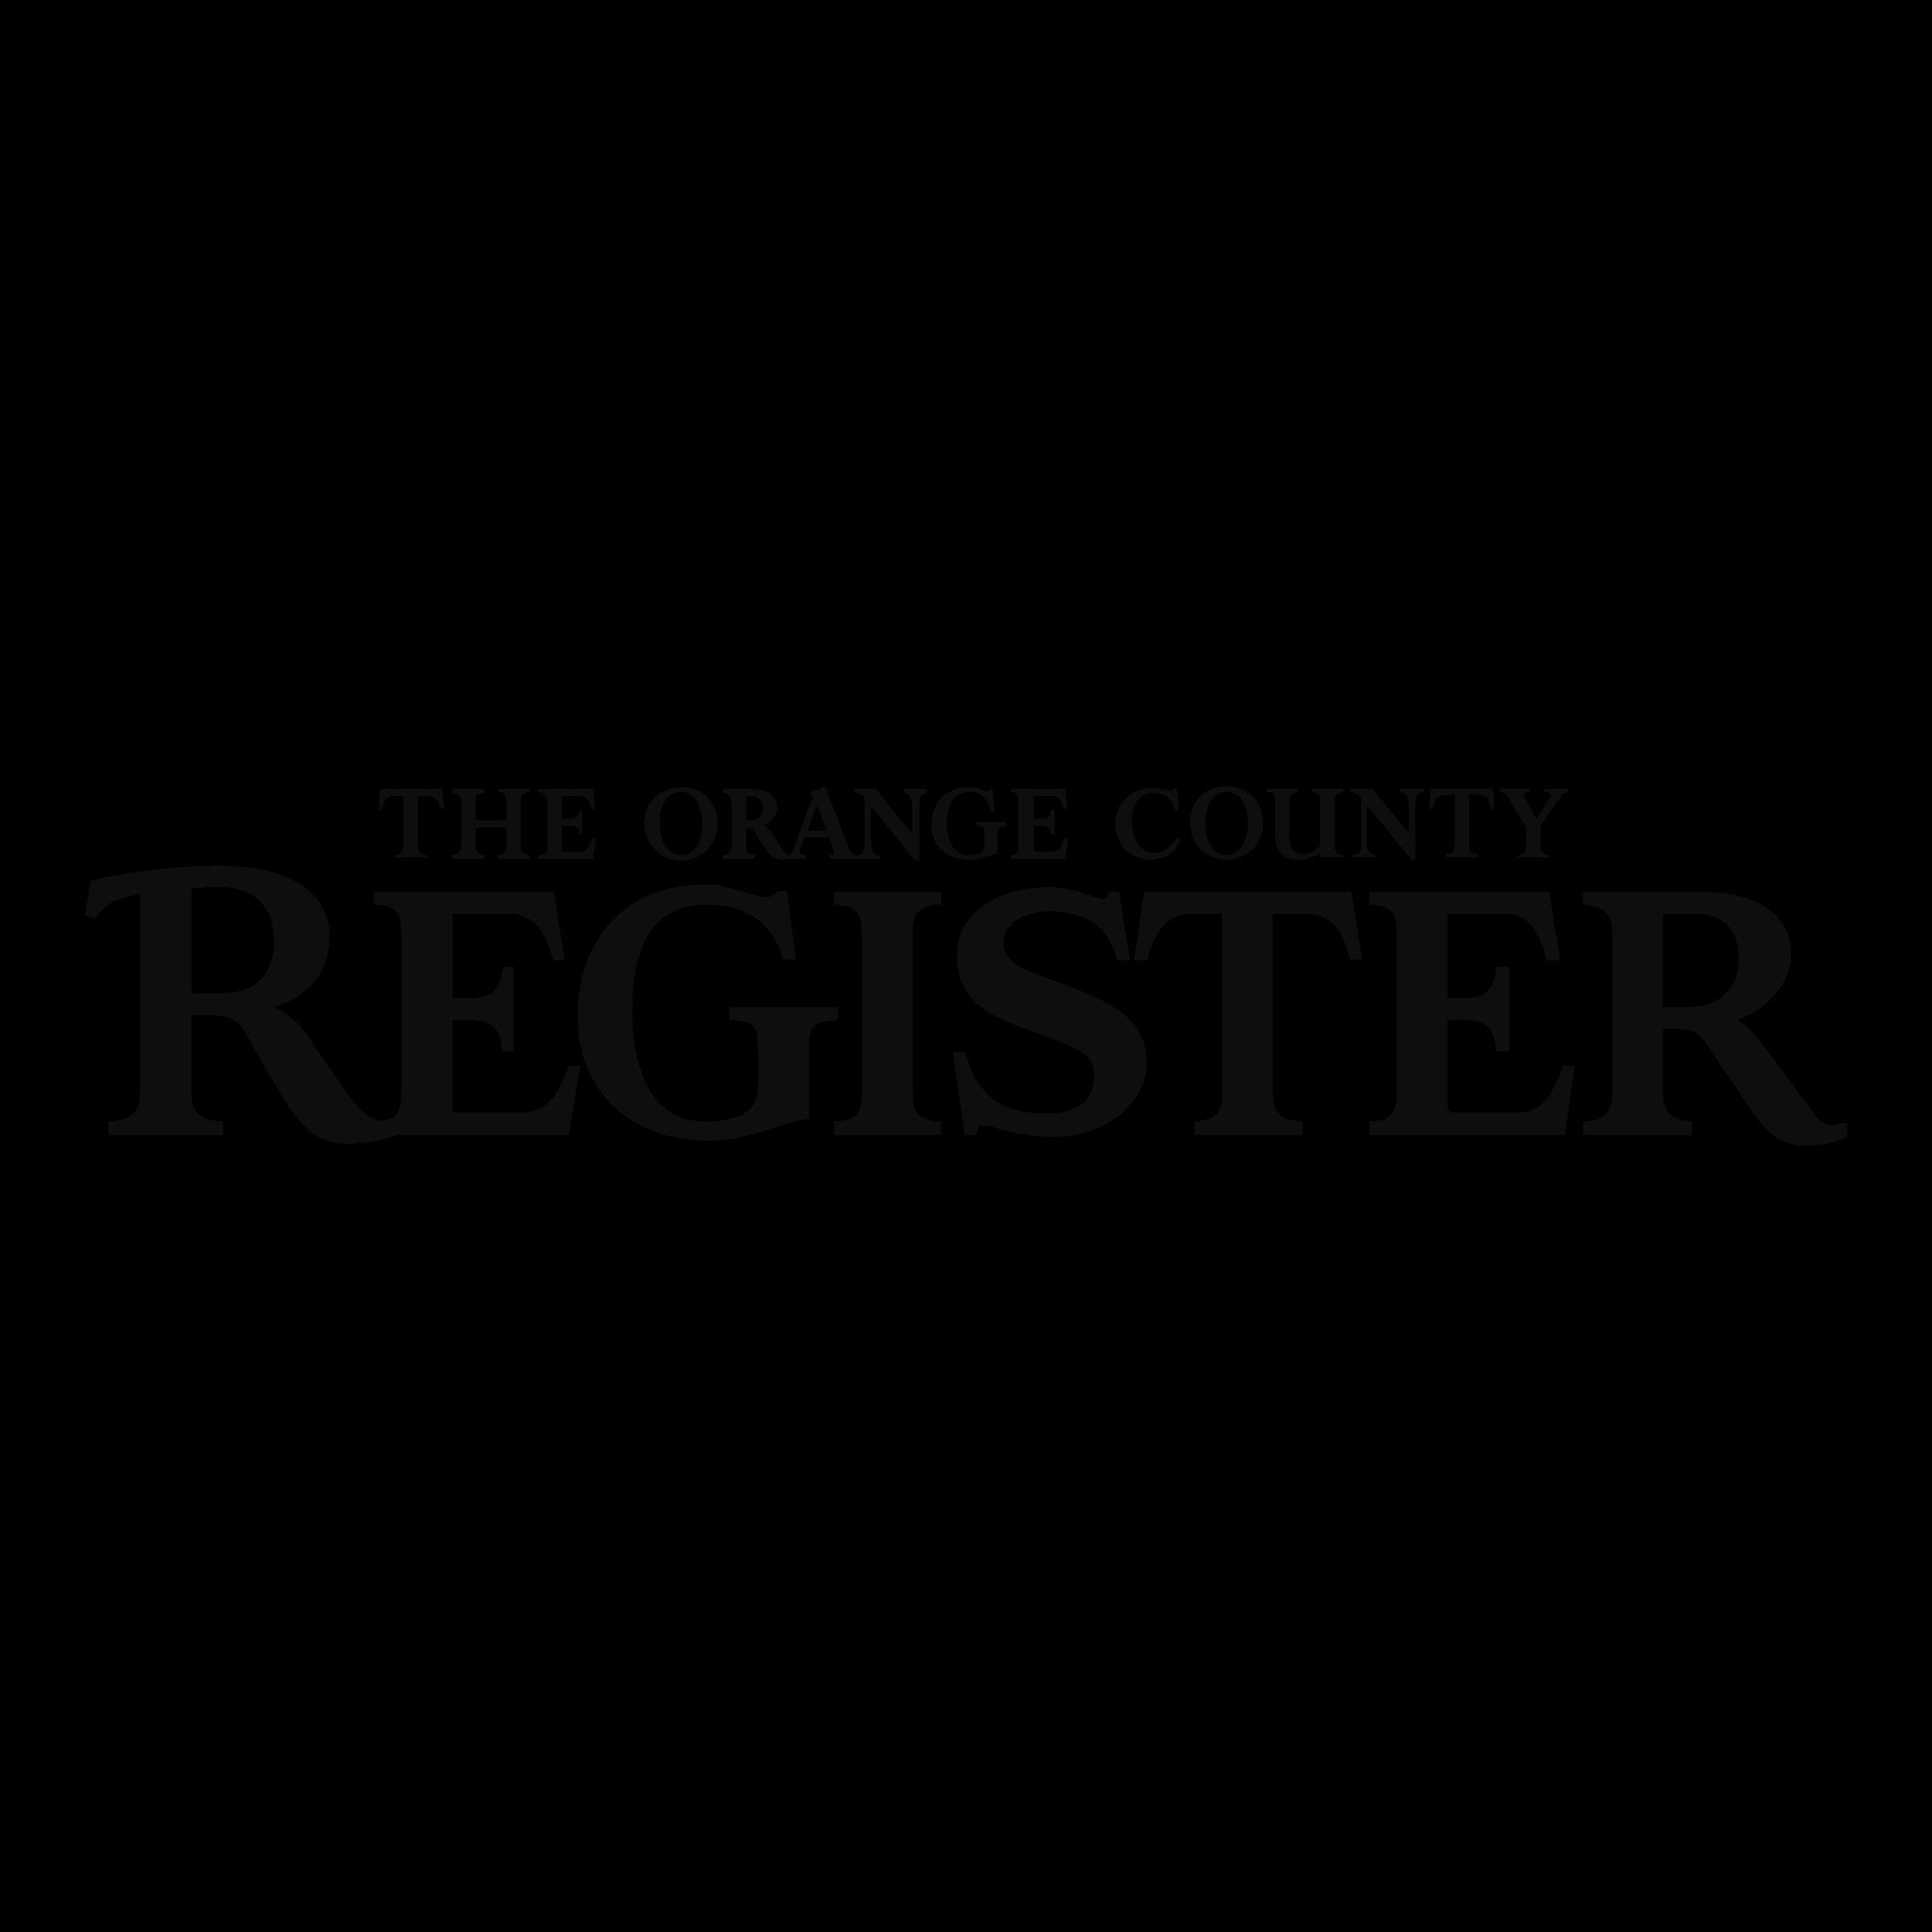 the-orange-county-register-logo-png-transparent.png